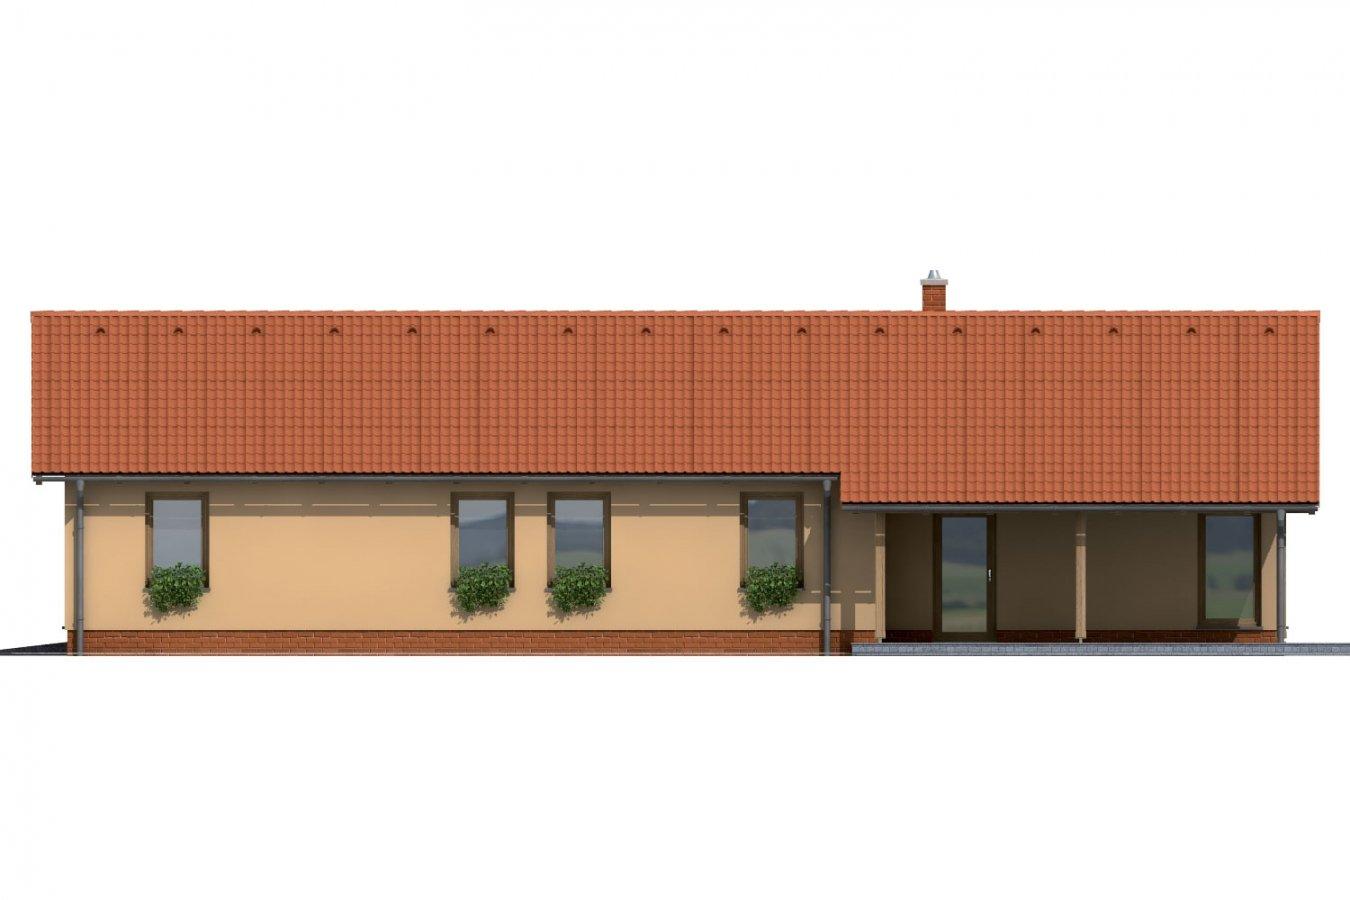 Pohľad 3. - Úzky rodinný dom s garážou.